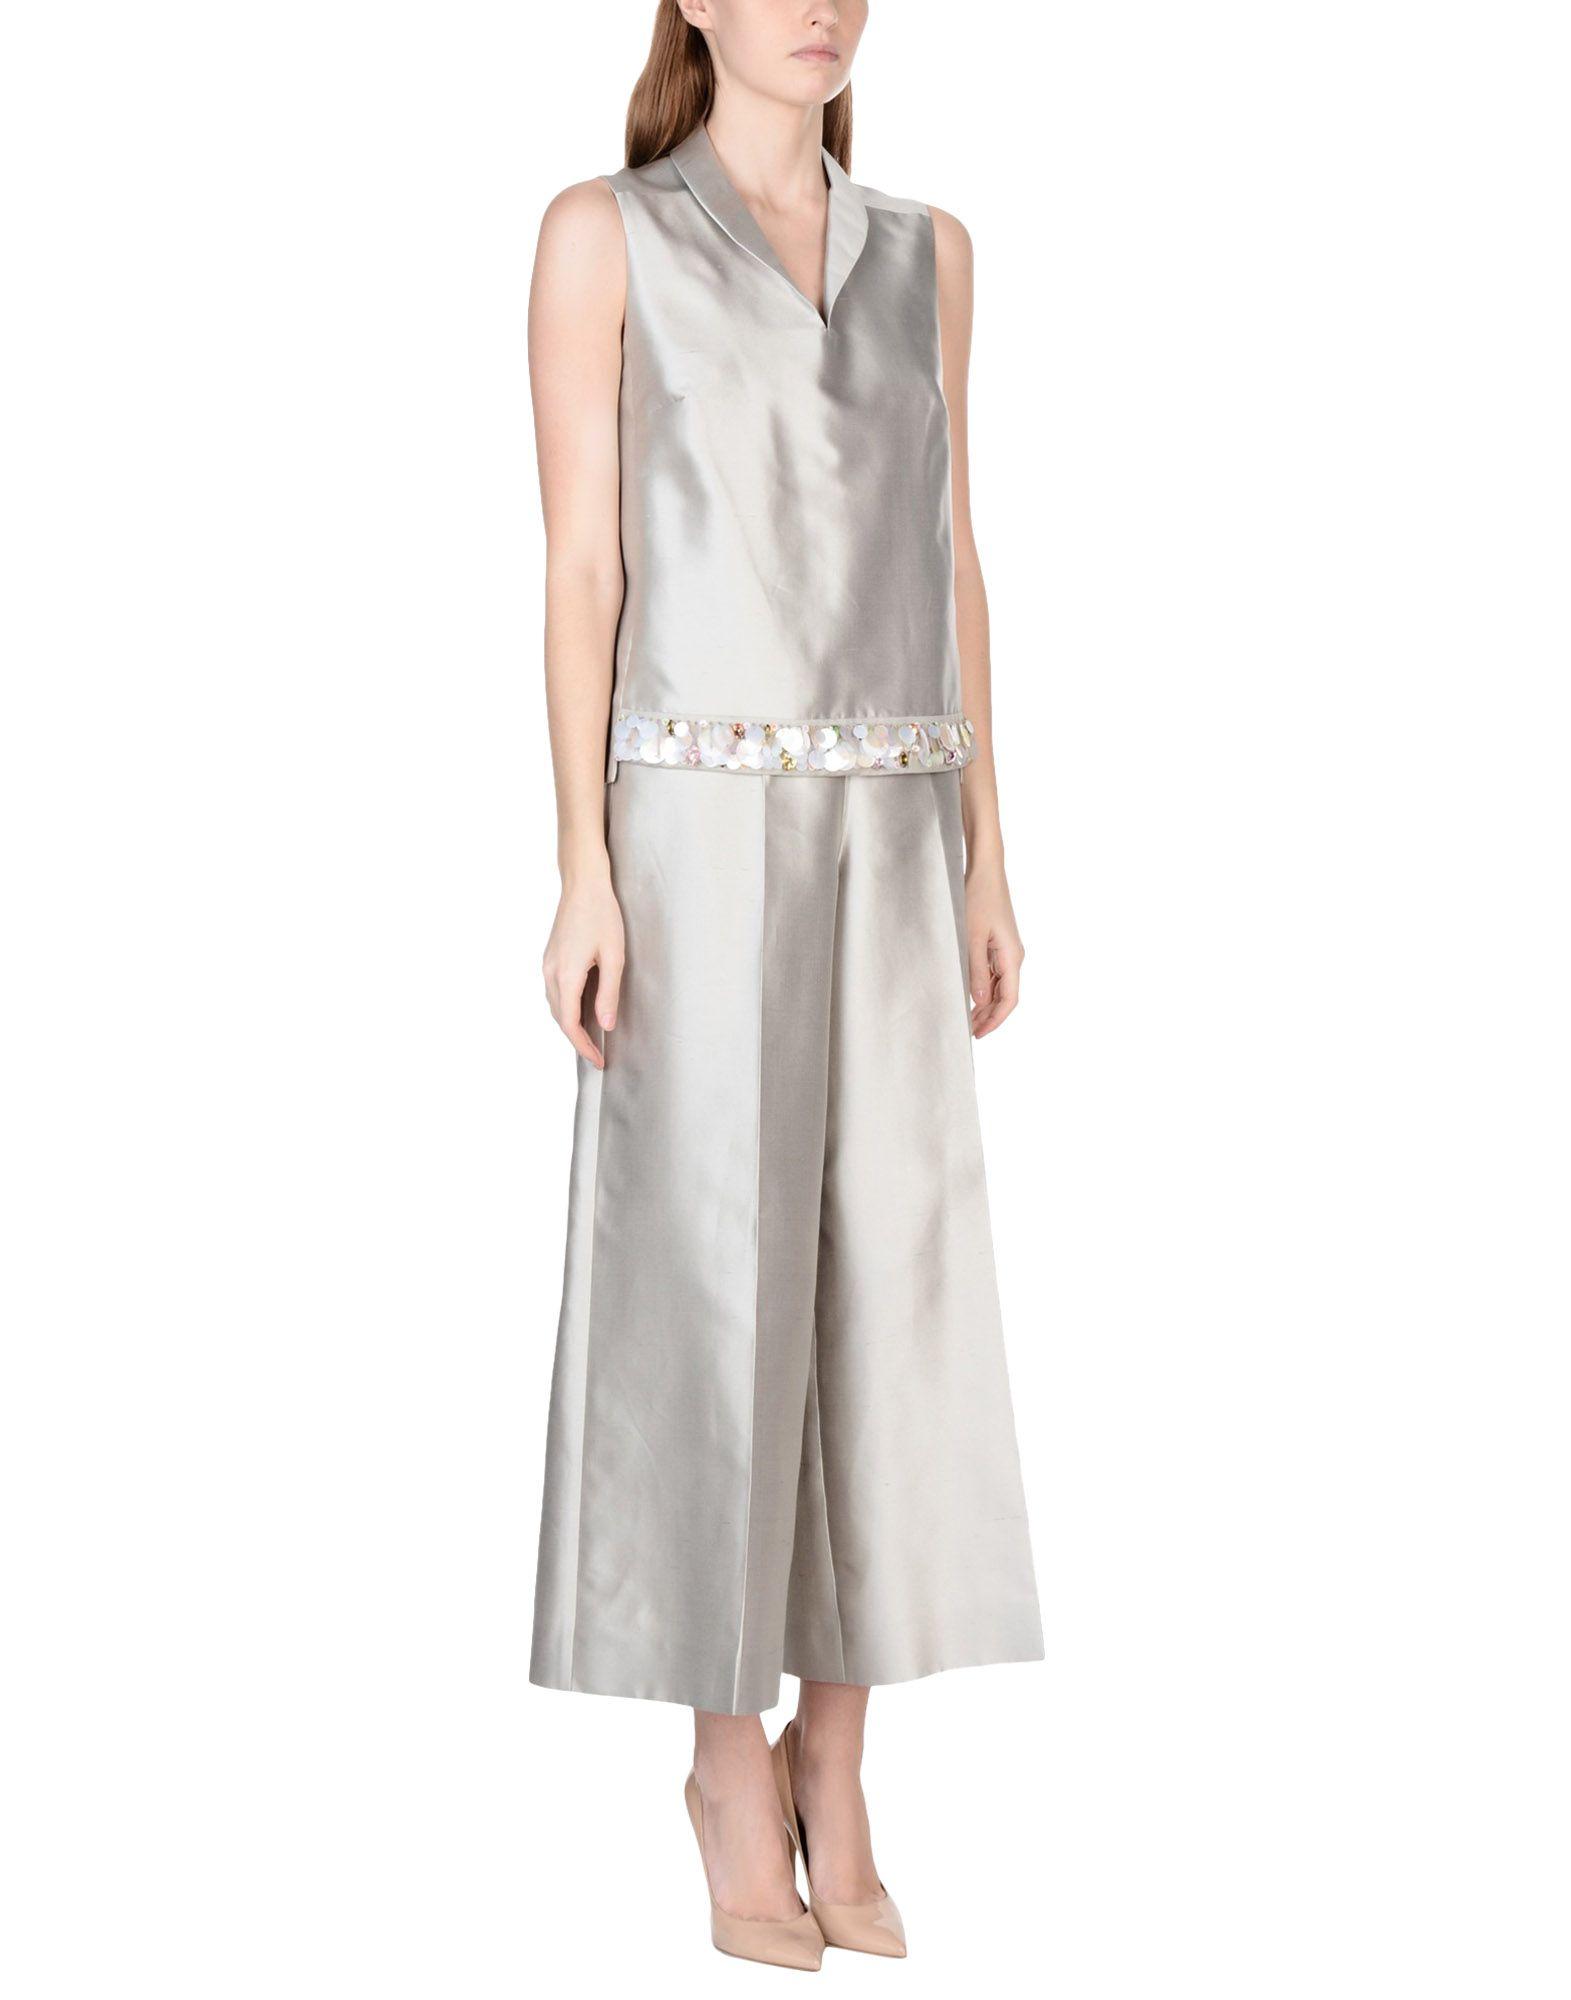 MAX MARA Комплект женское пальто max mara max mara2014